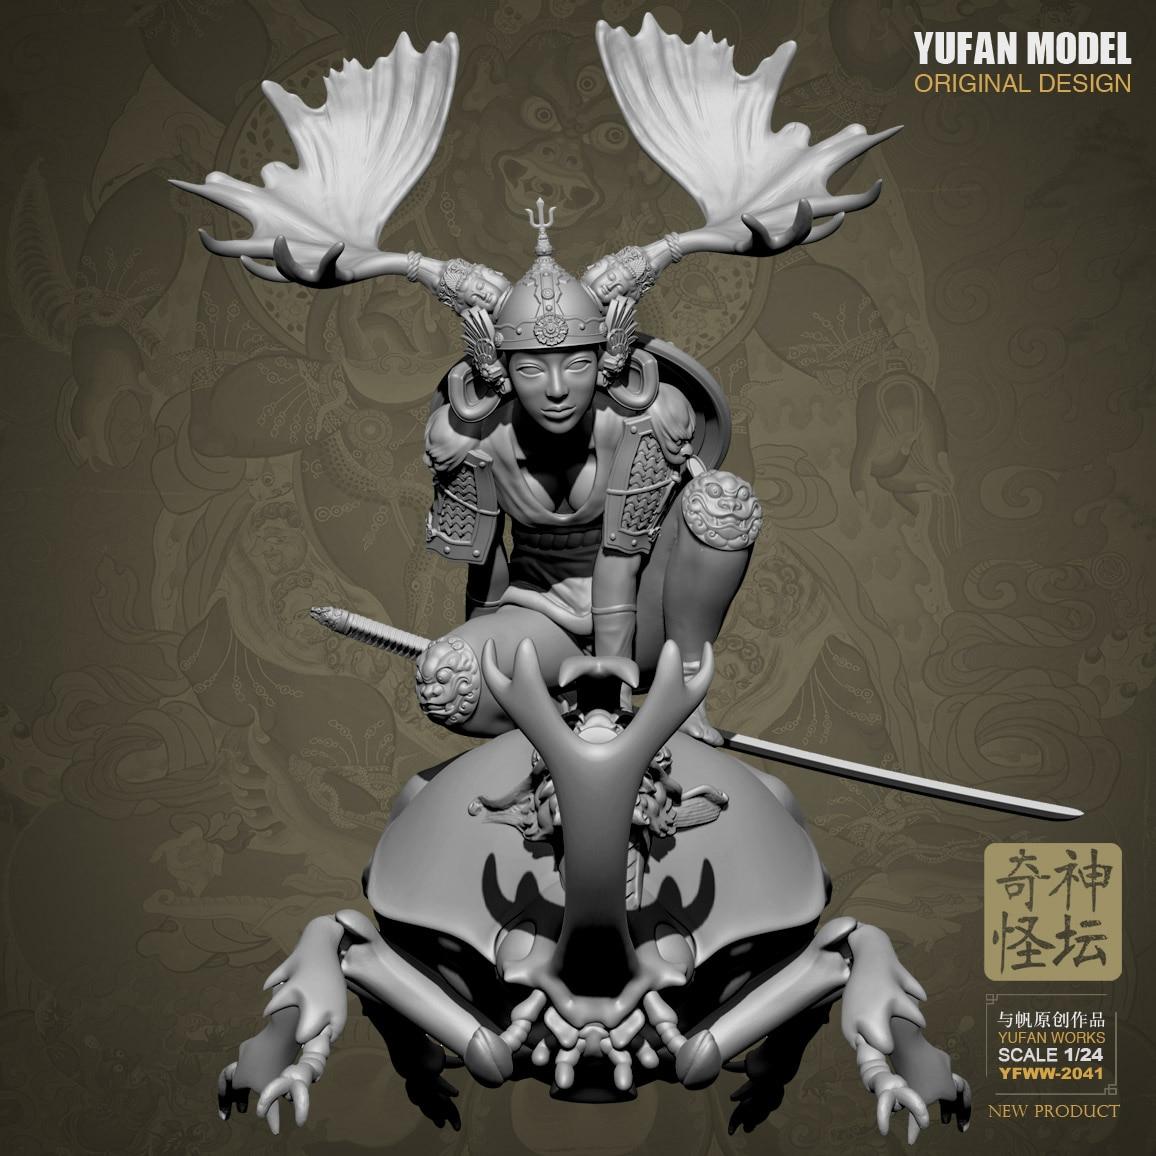 1/24 YUFAN Model Resin Kit Resin Odd Fantasy Altar JieShan Women, Soldiers Were YFWW-2041